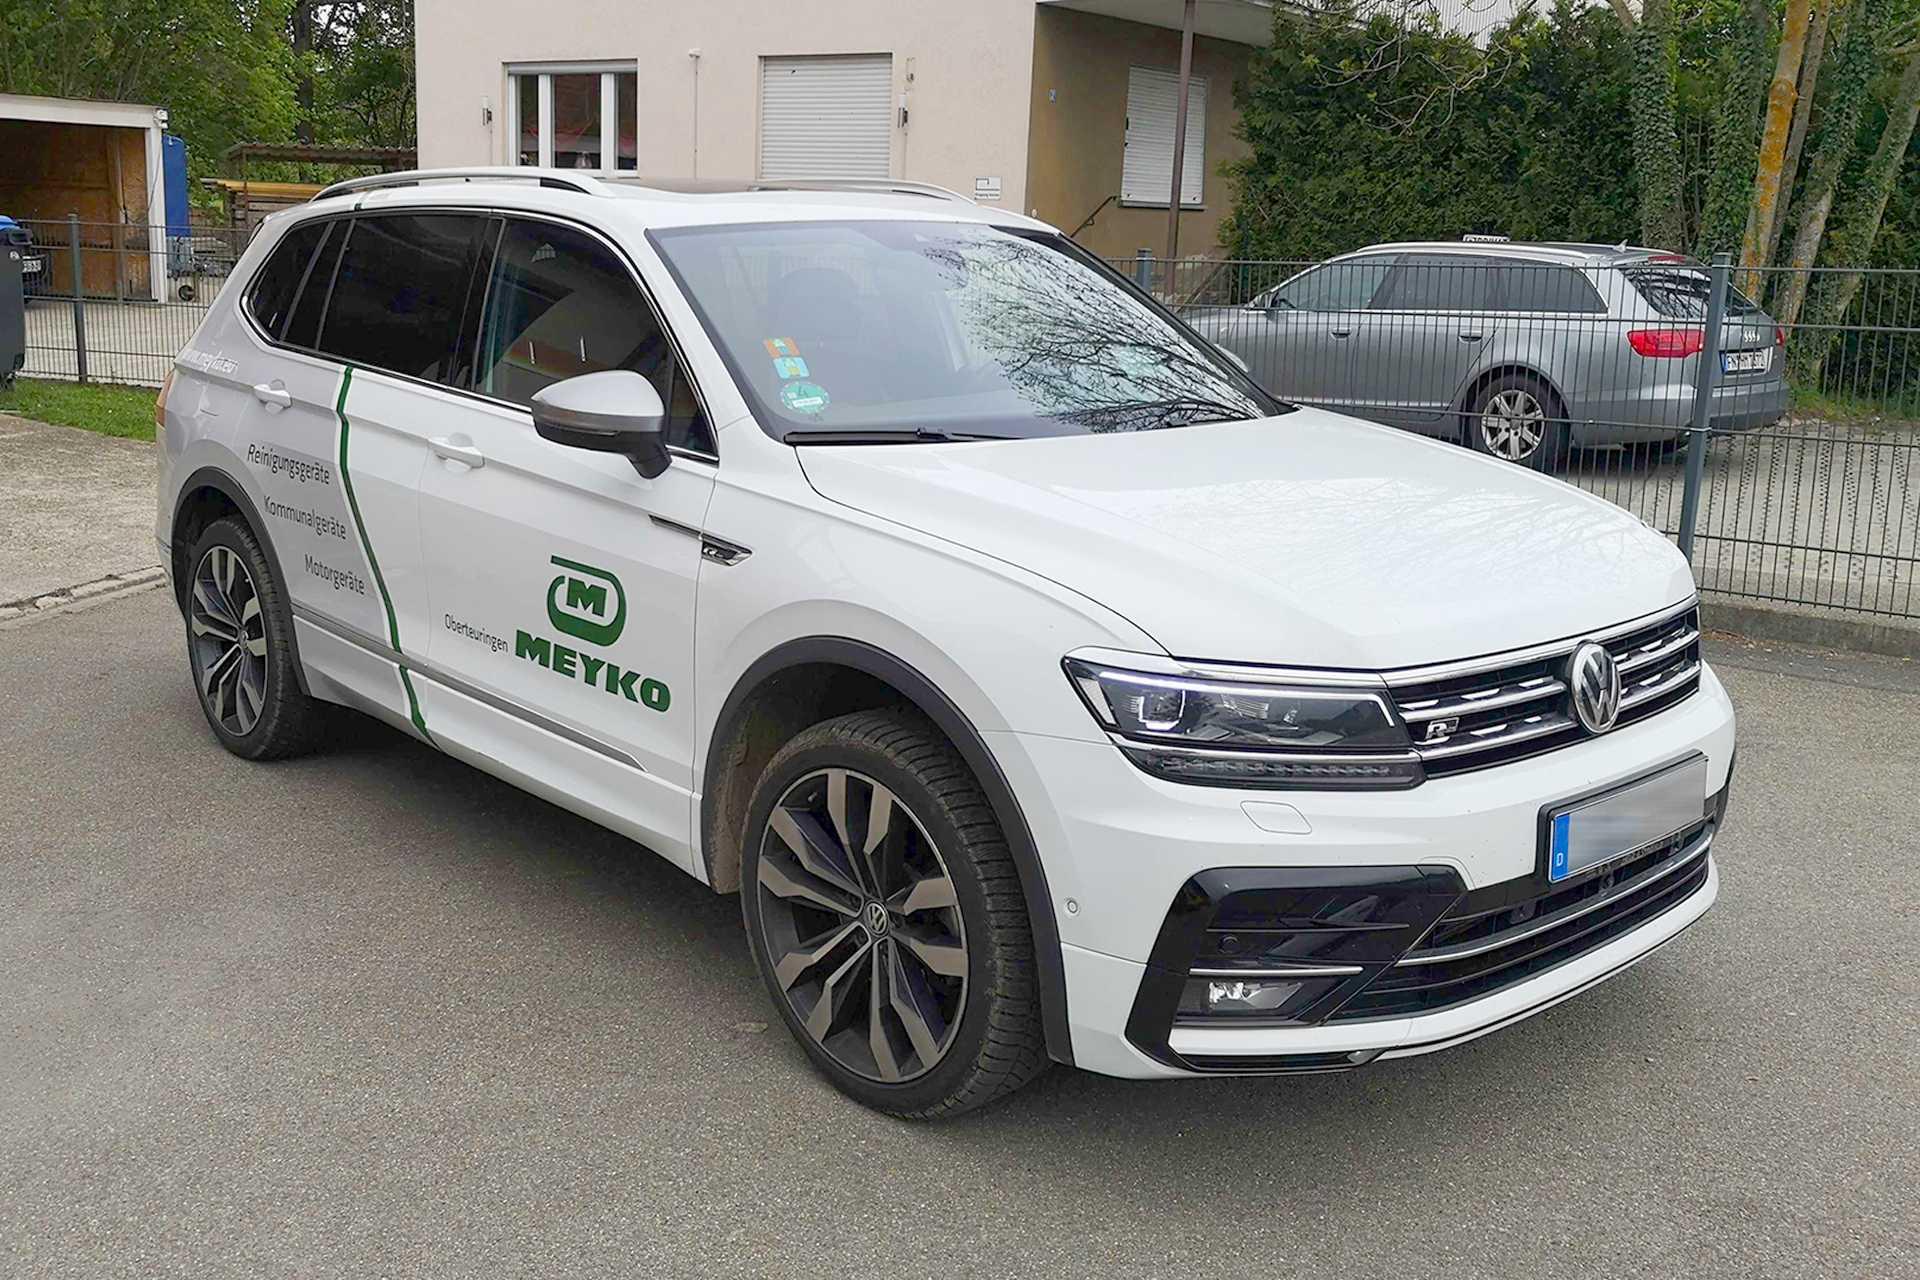 IMG_20190502_161200_Ref_Fahrzeug